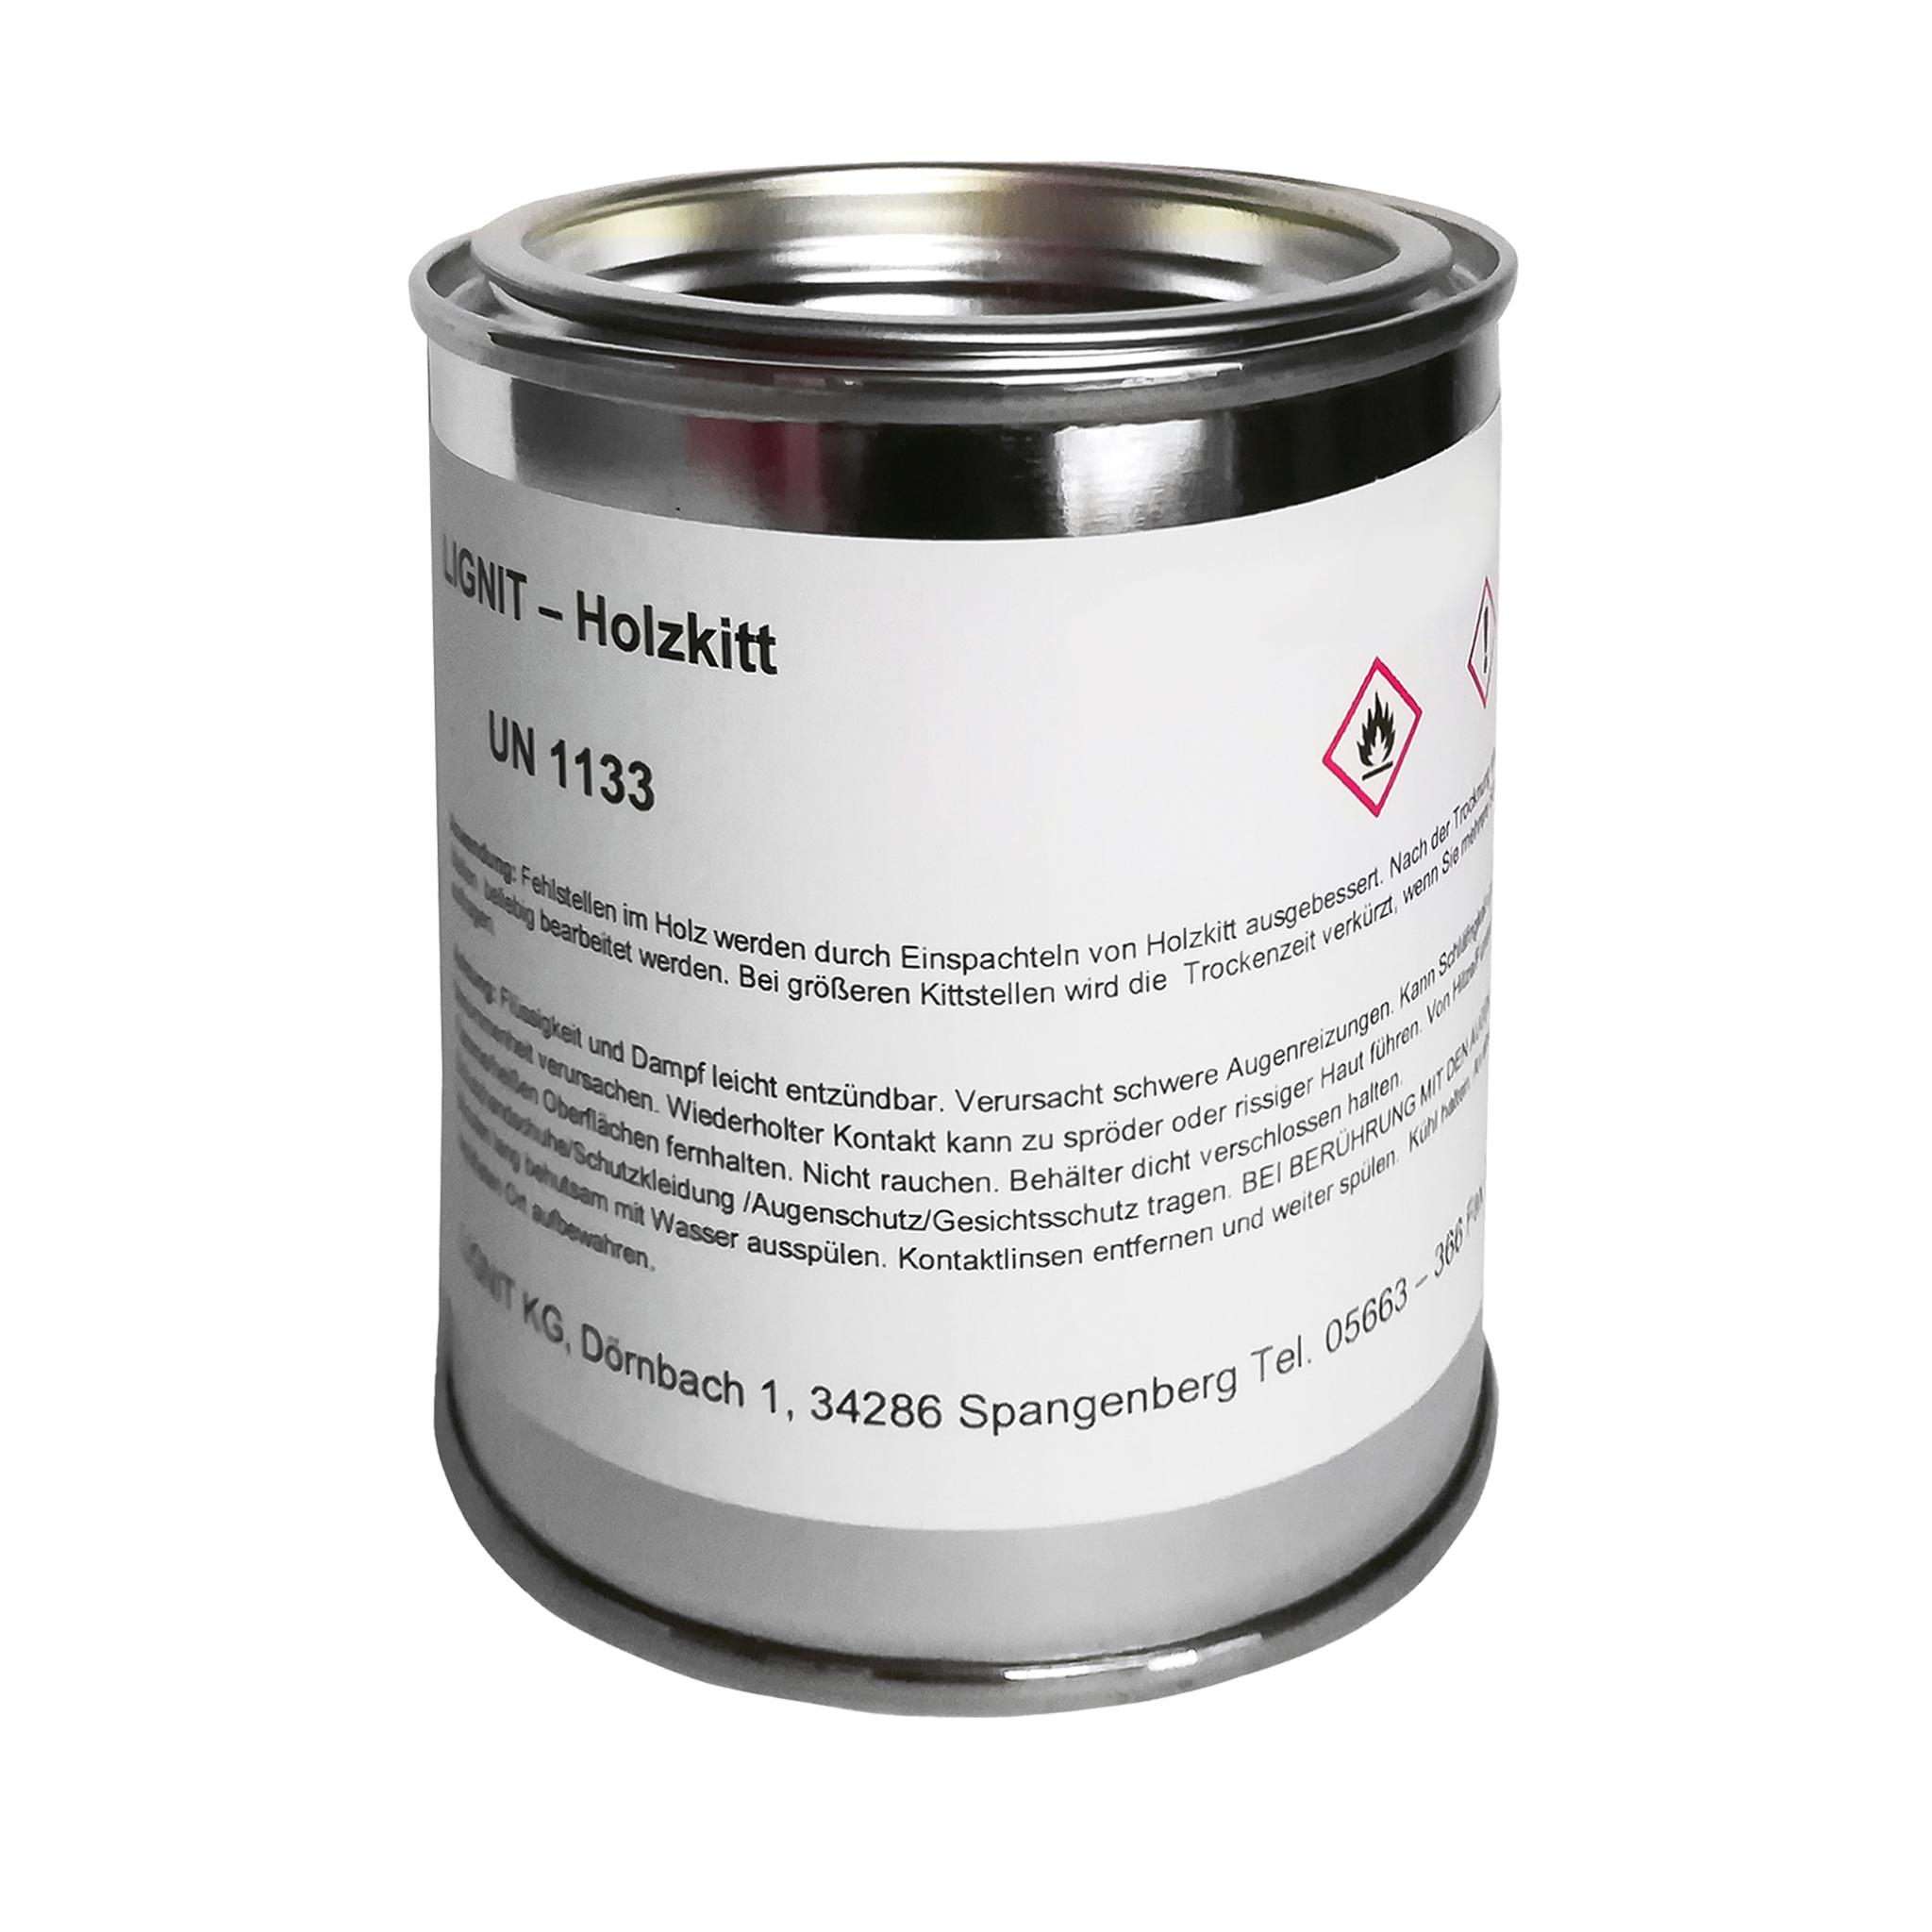 Lignit Holzkitt 750g / Farbvarianten